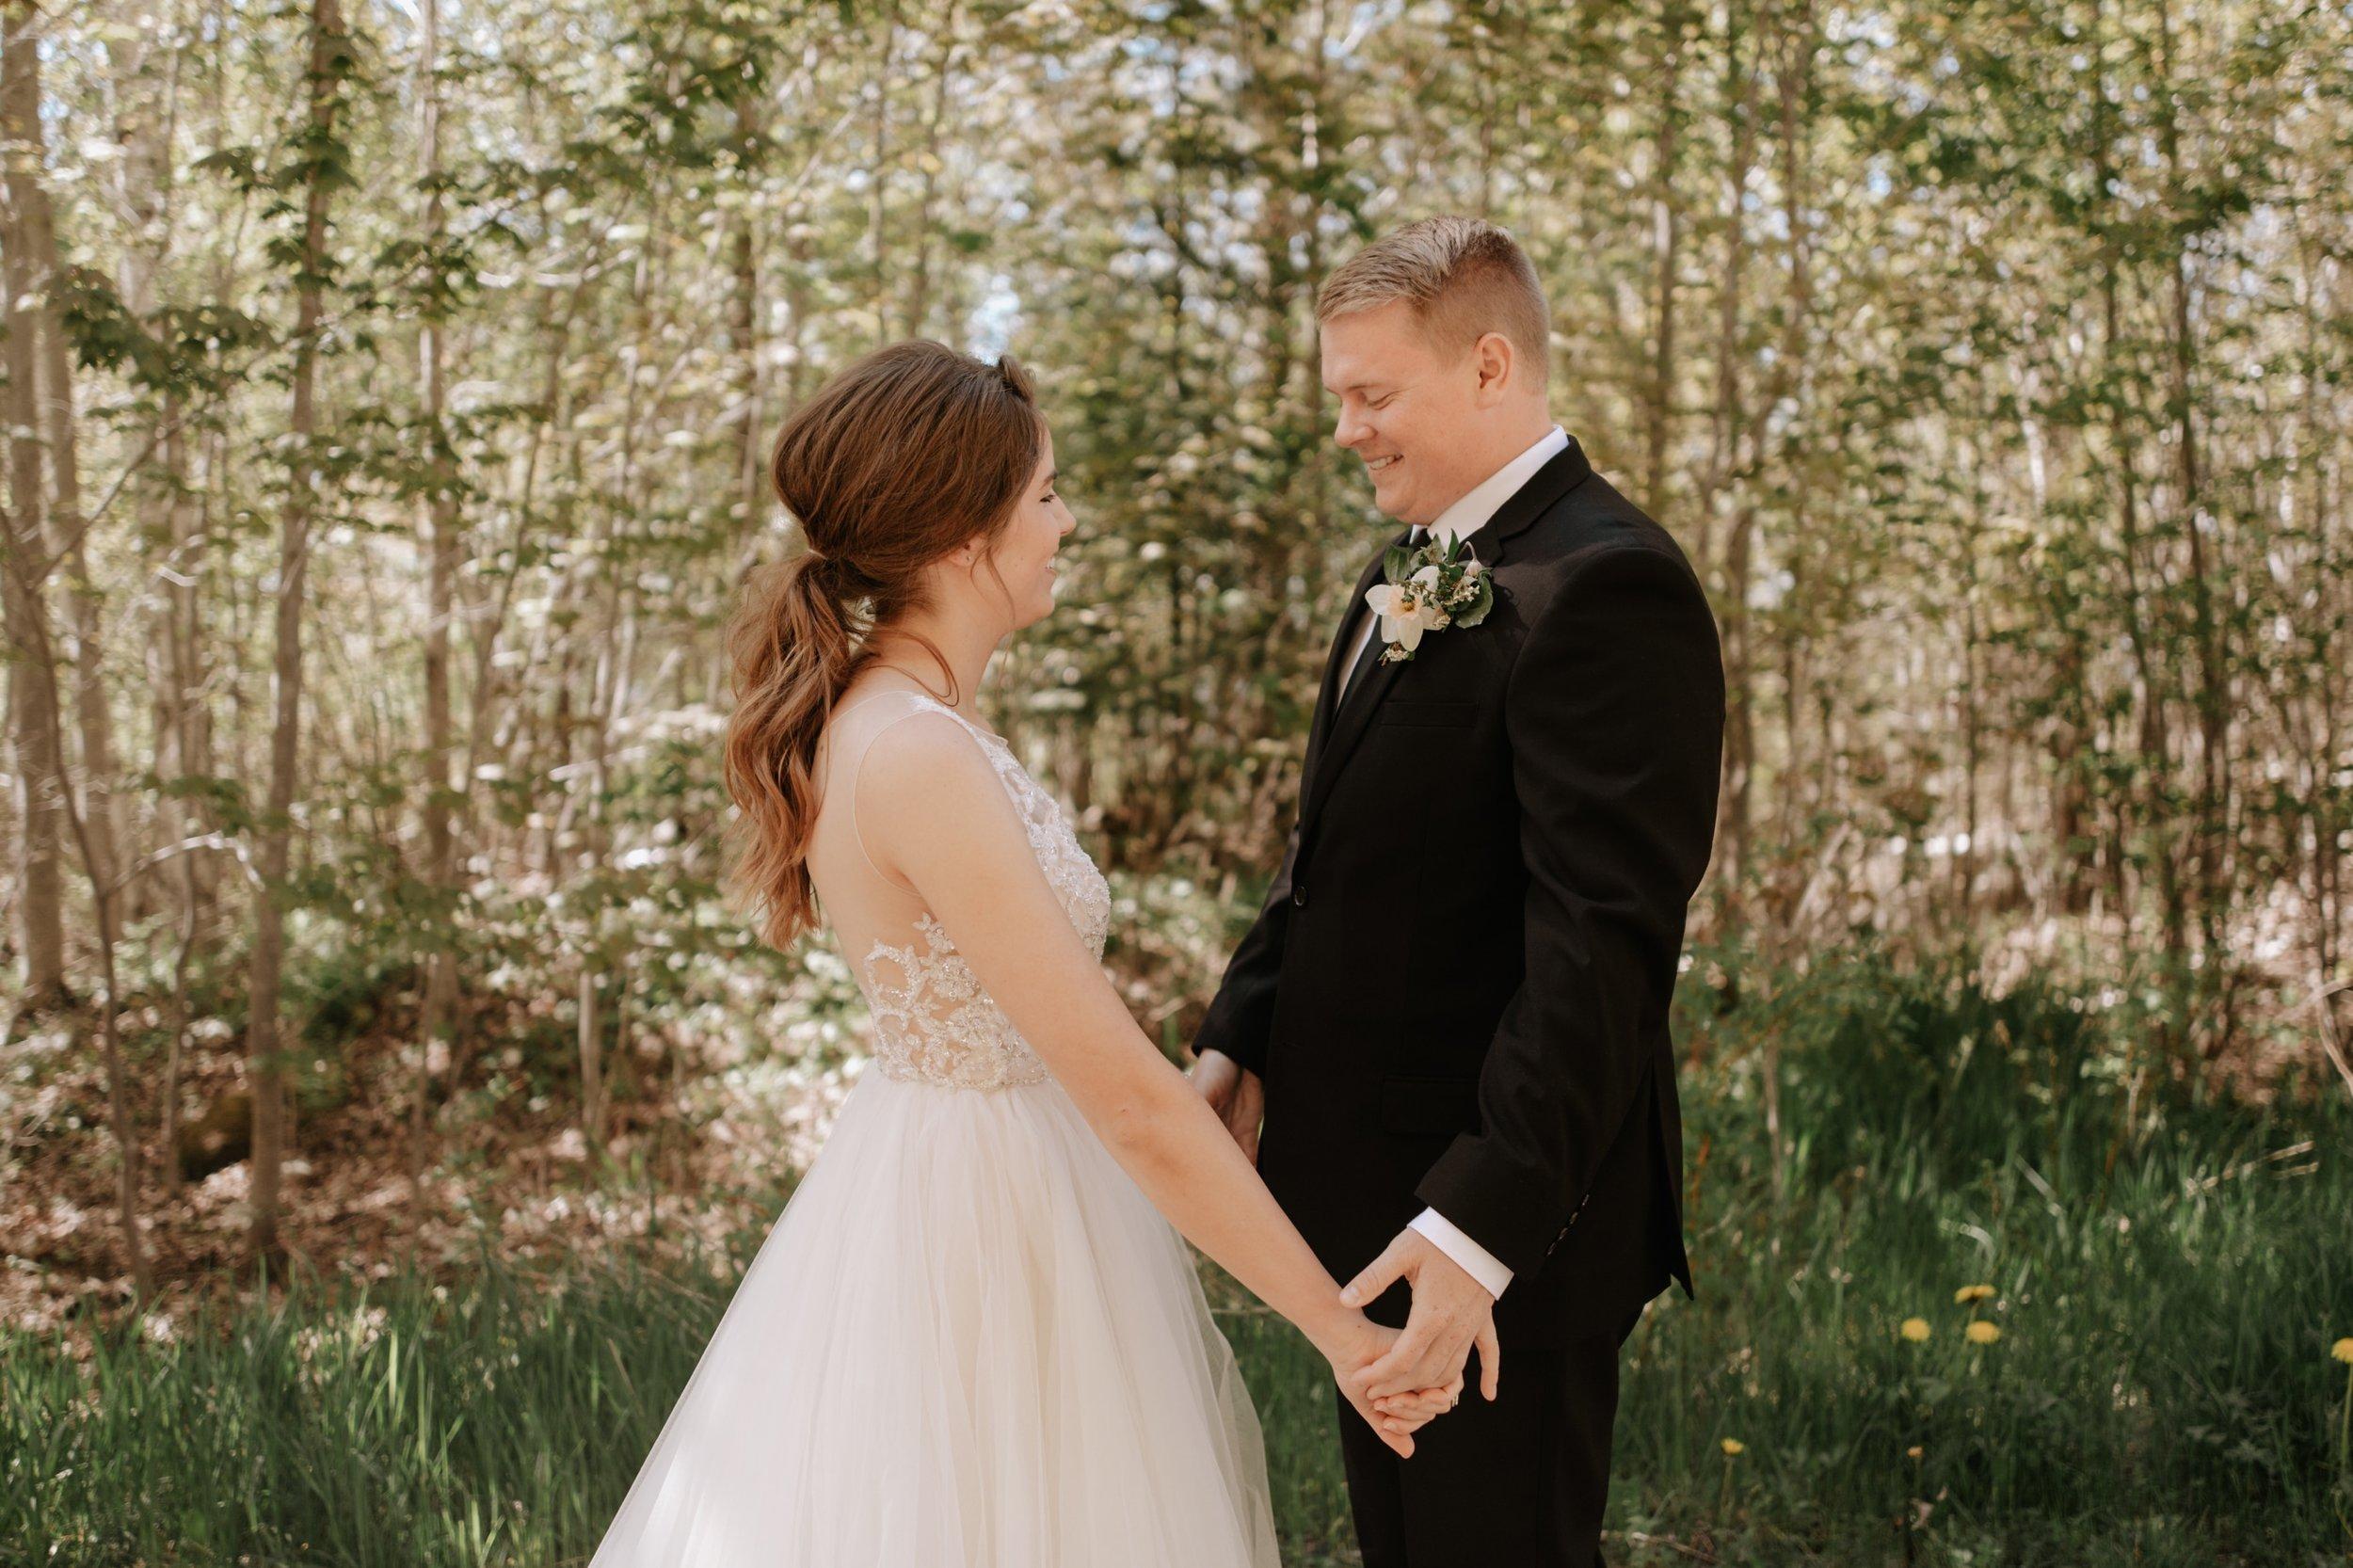 Madeline-Island-Wedding-Photography_17.jpg